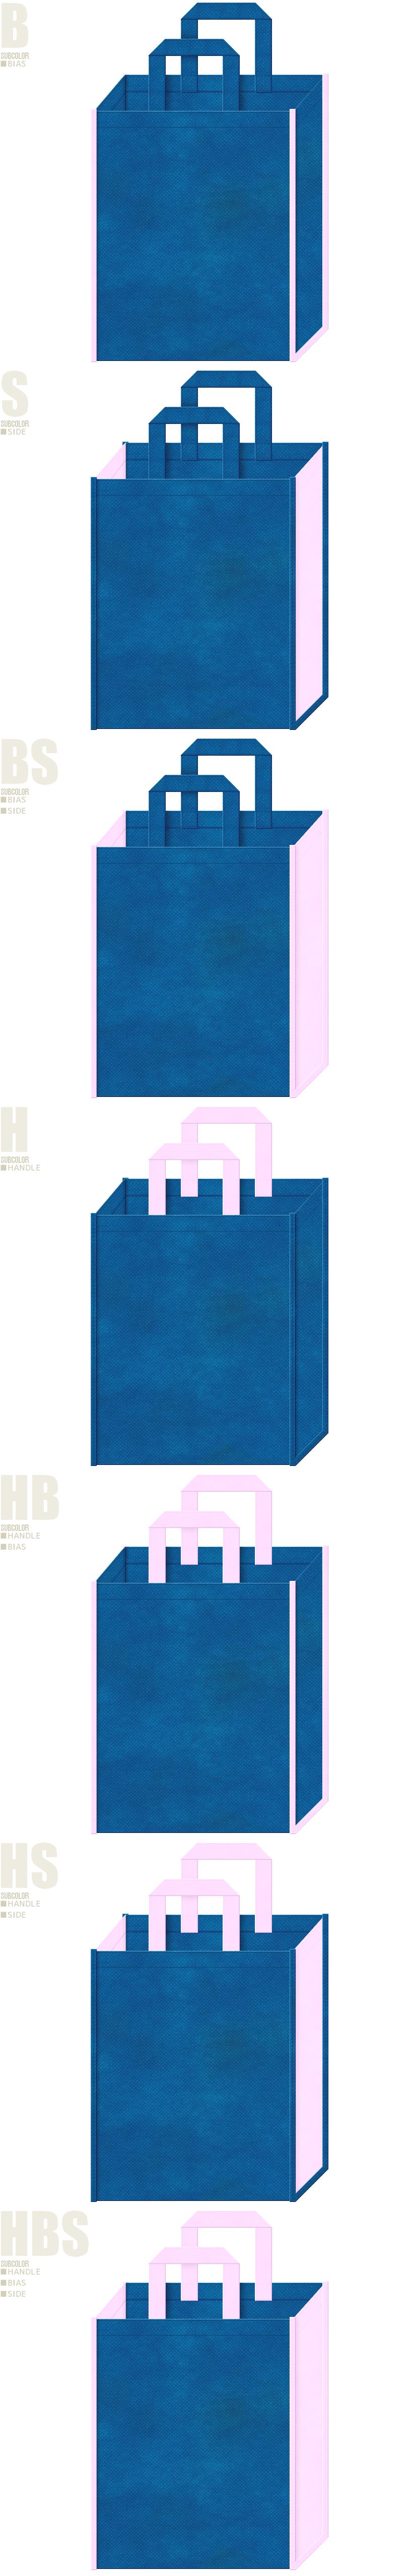 不織布バッグのデザイン:青色と明るいピンク色の配色7パターン